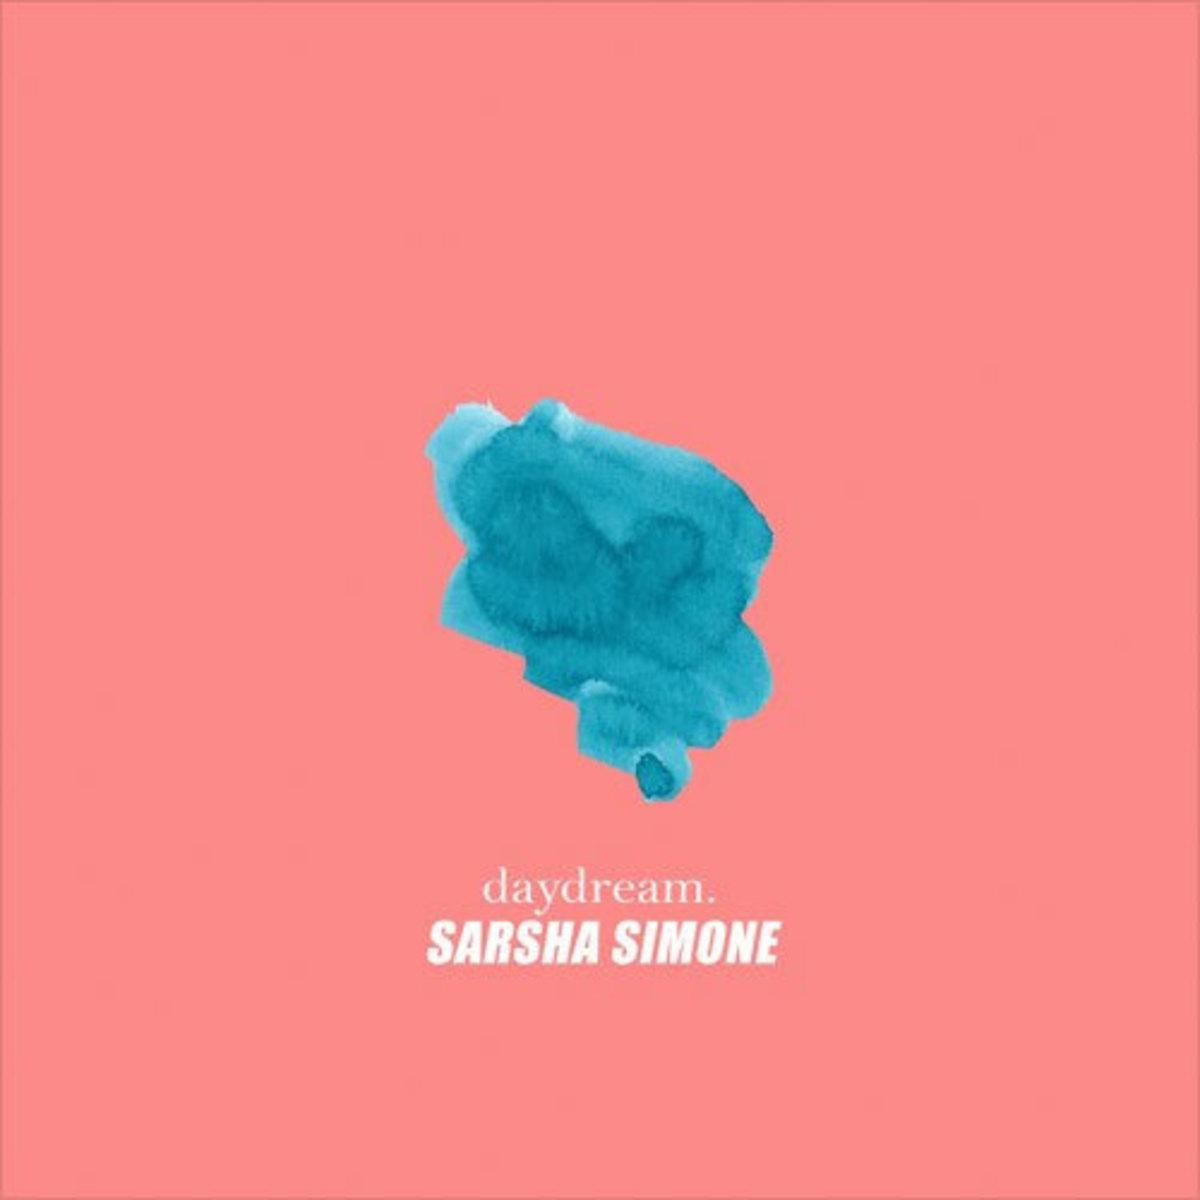 sarsha-simone-daydream.jpg